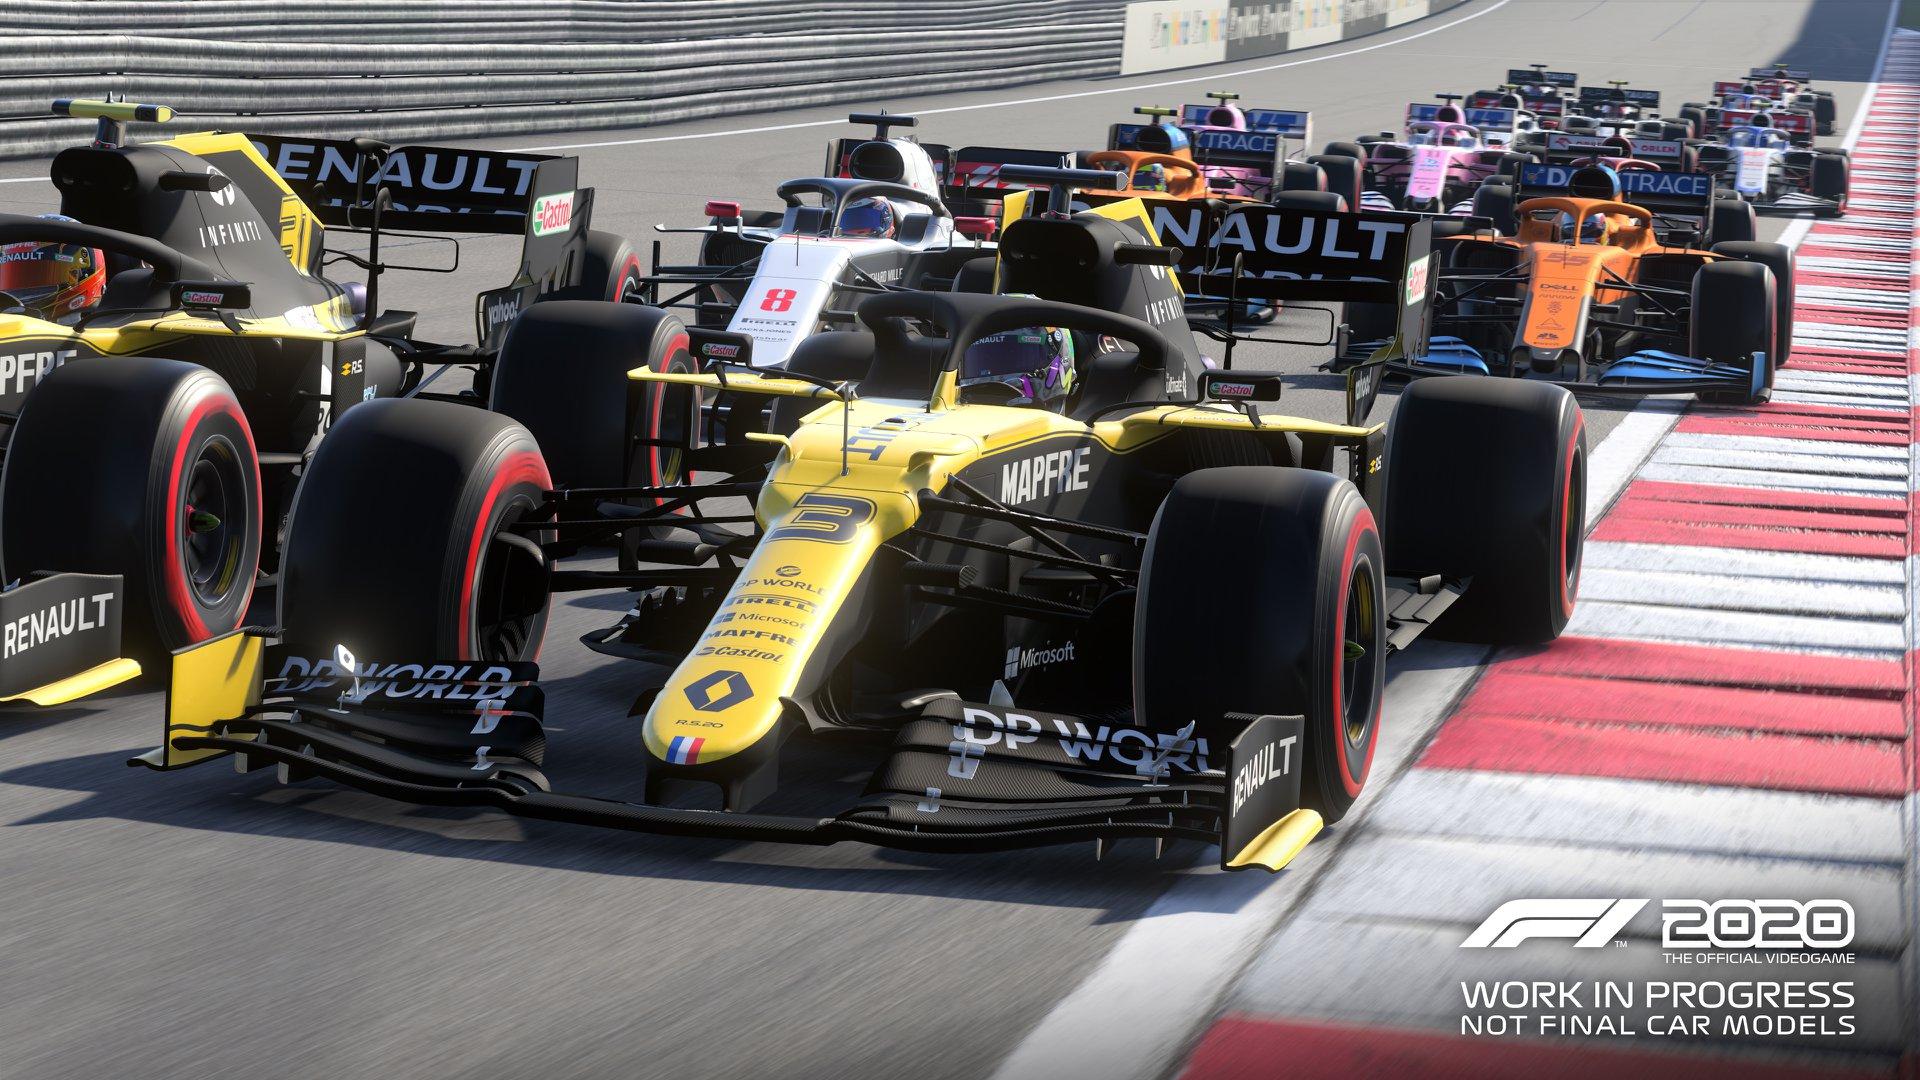 F1 2020 7.jpg